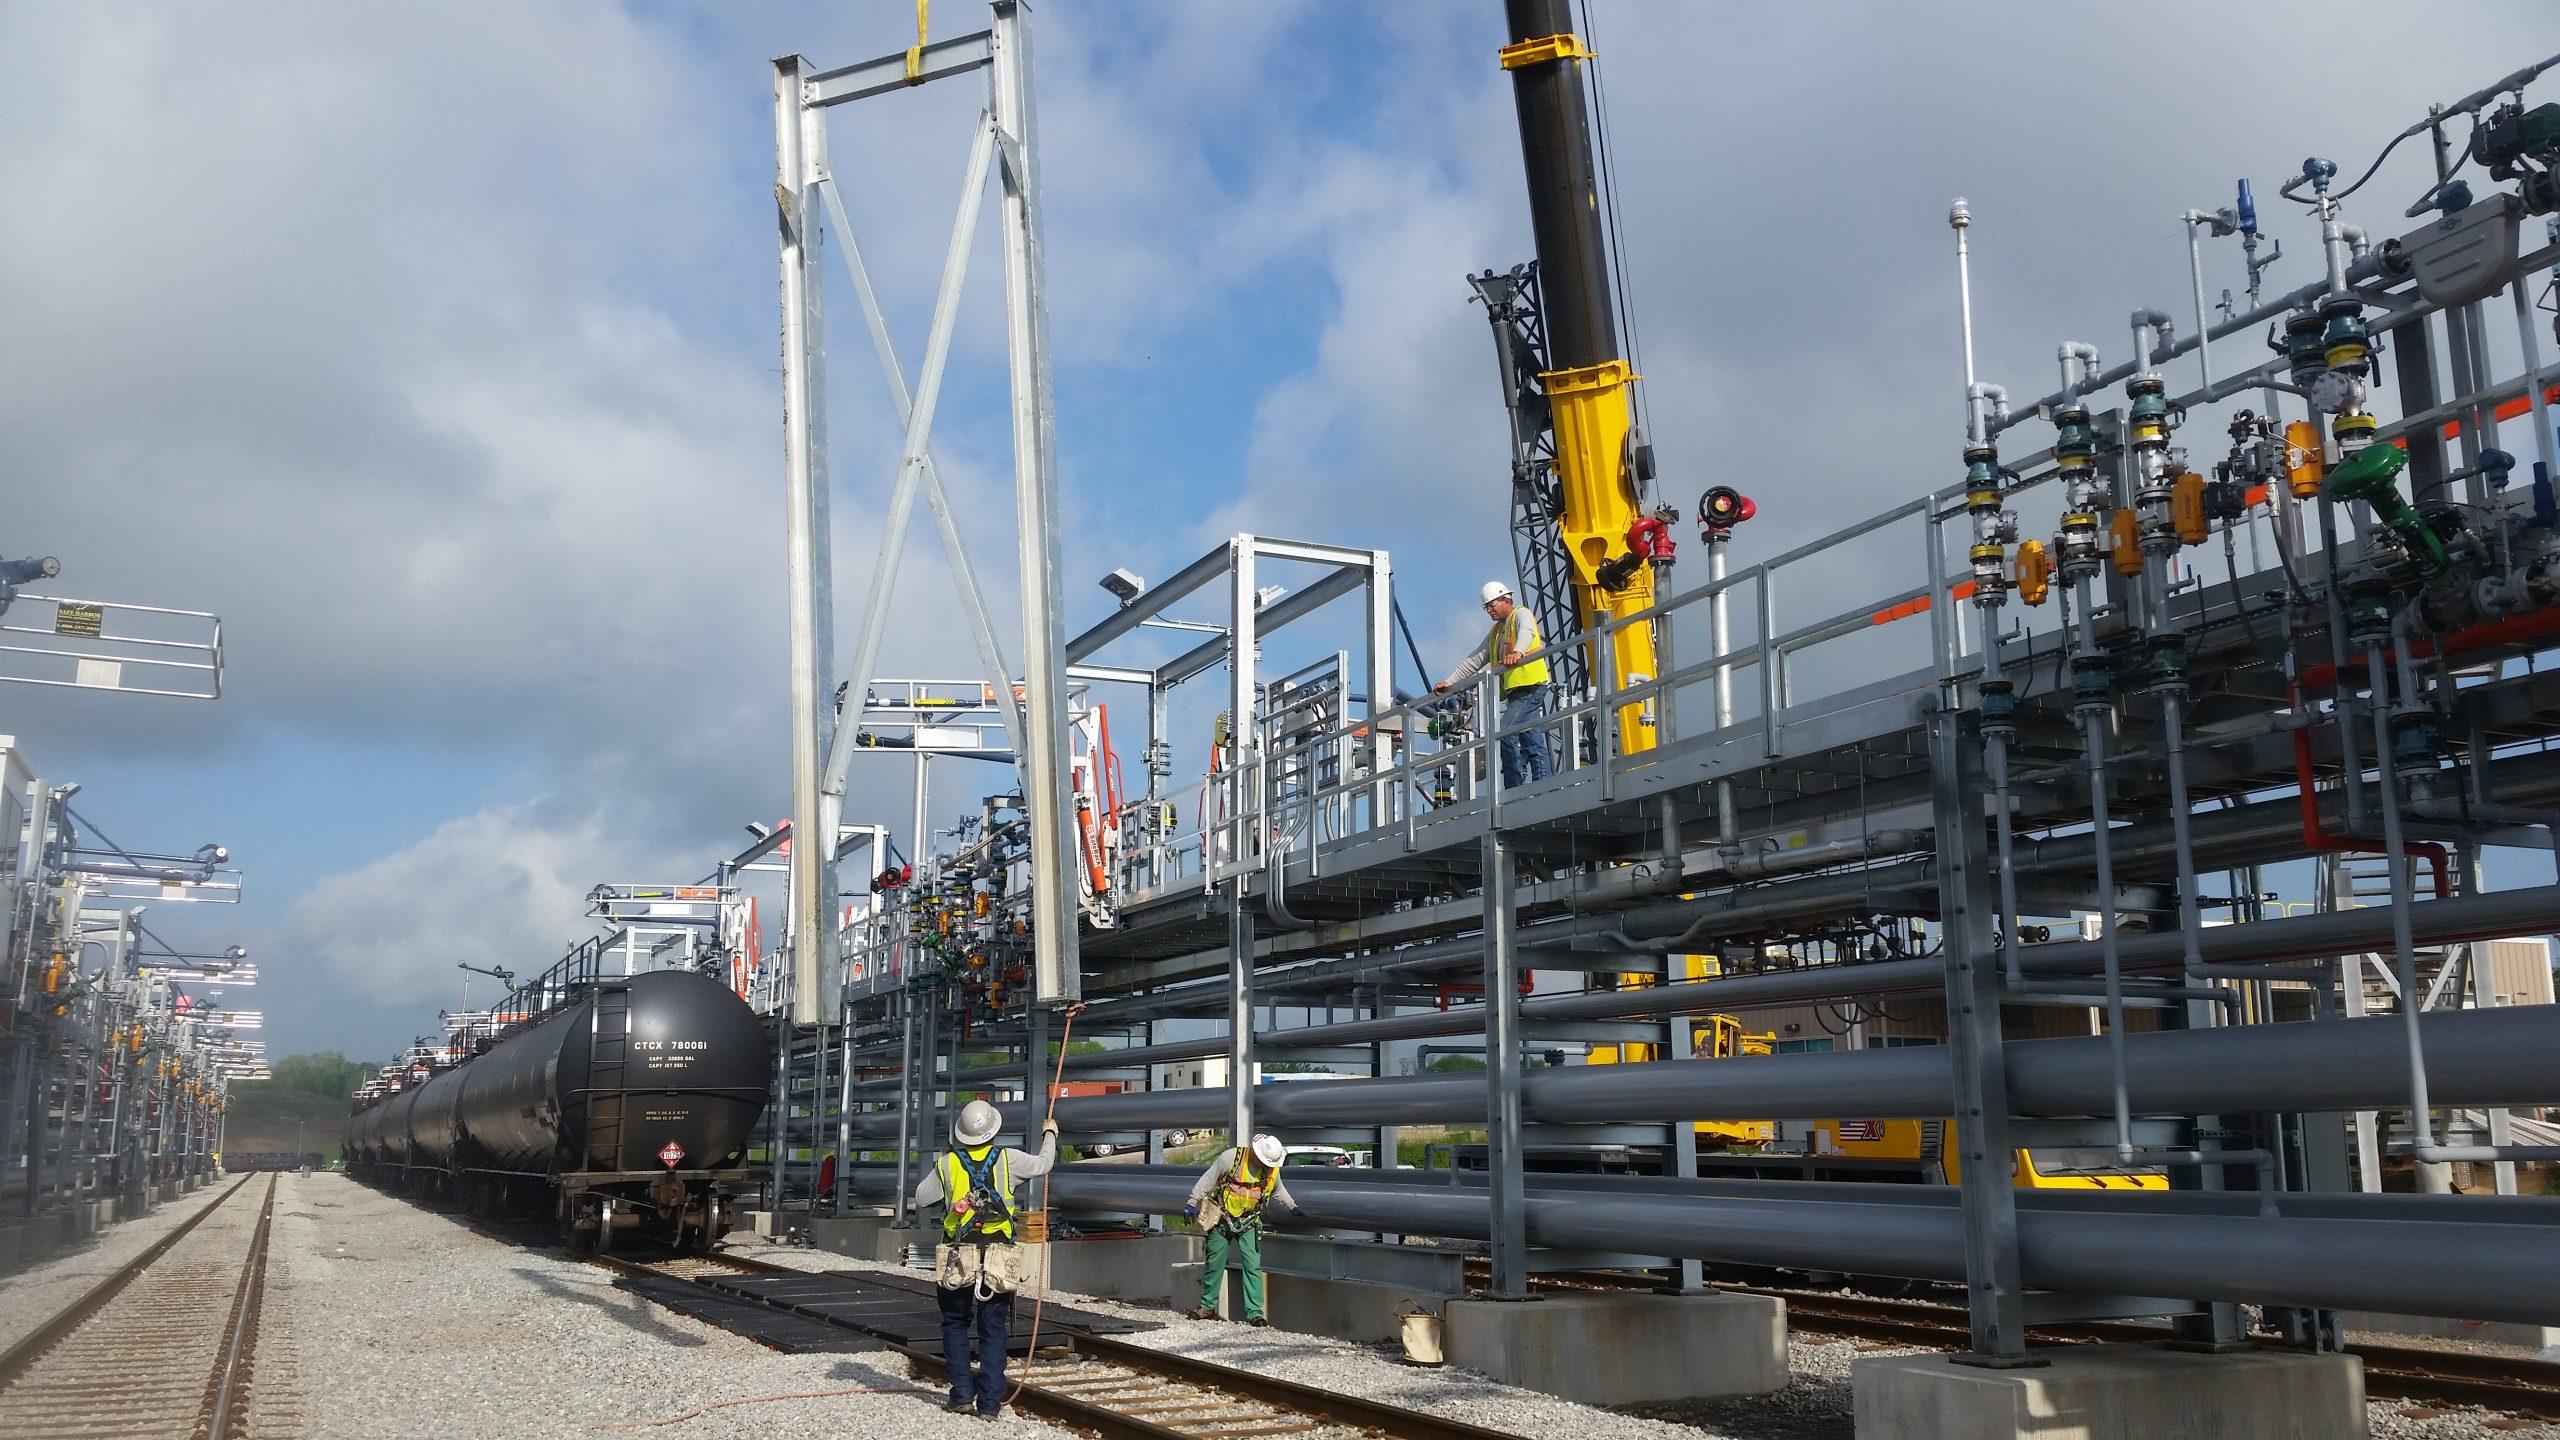 Rail Loading Facility